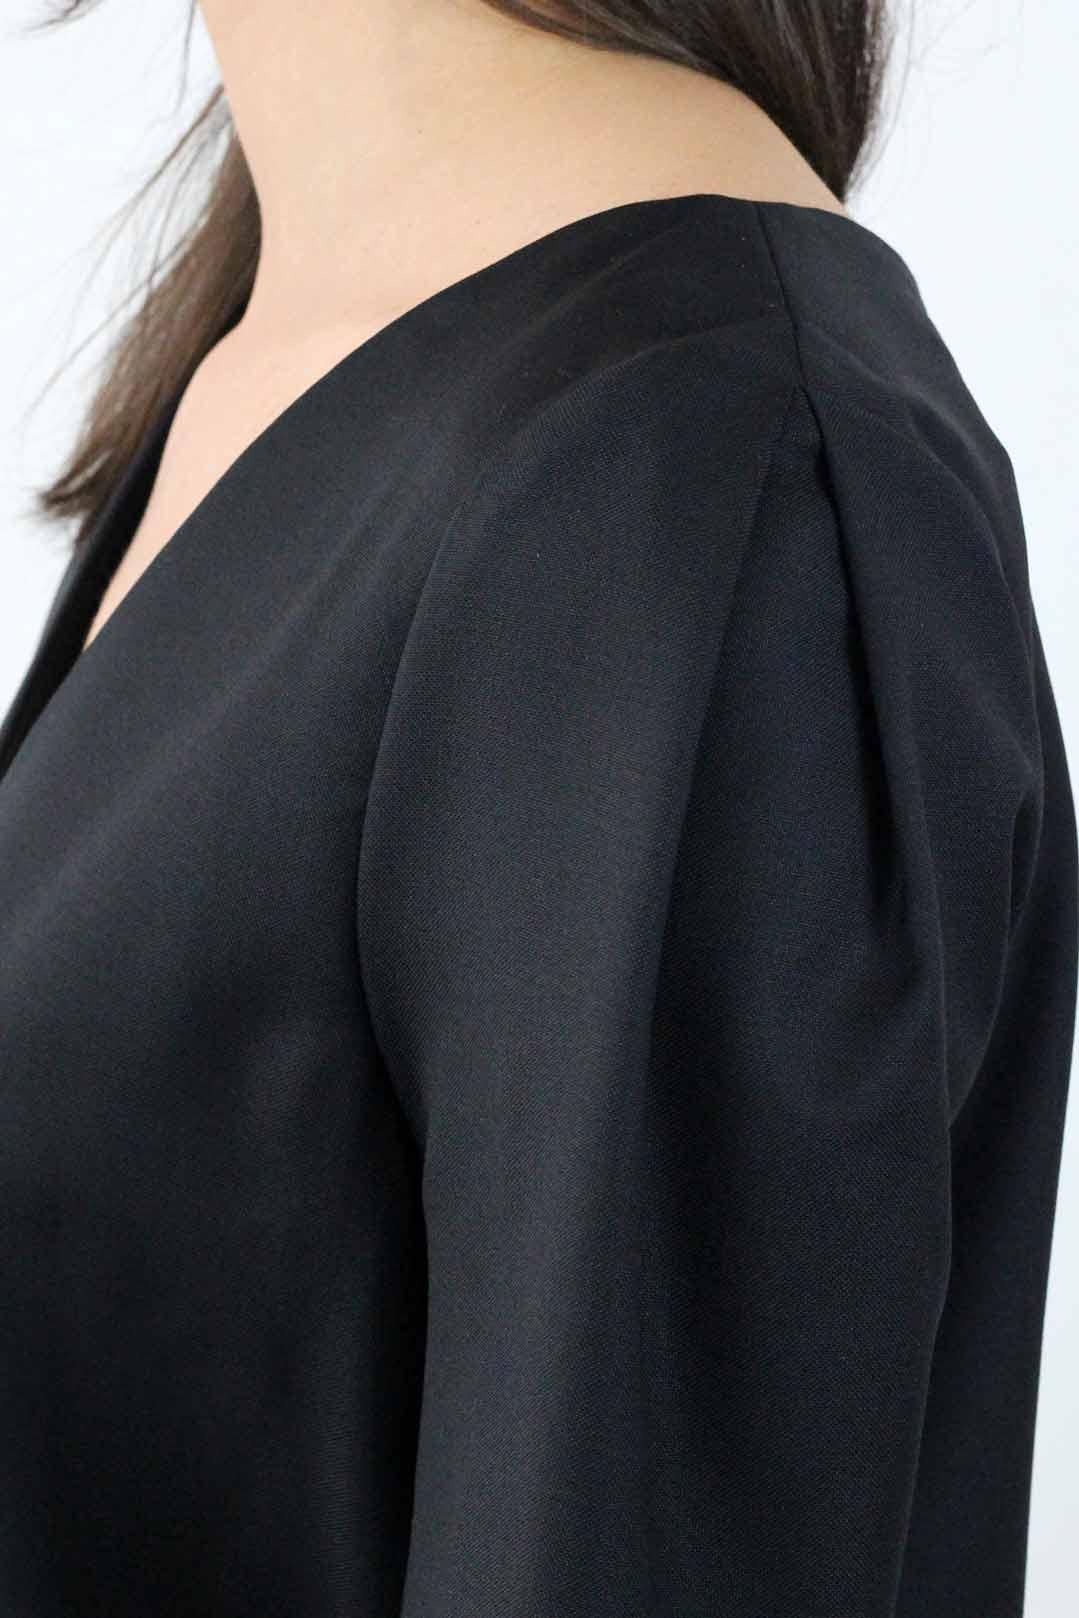 robe droite noire manche 3:4 6